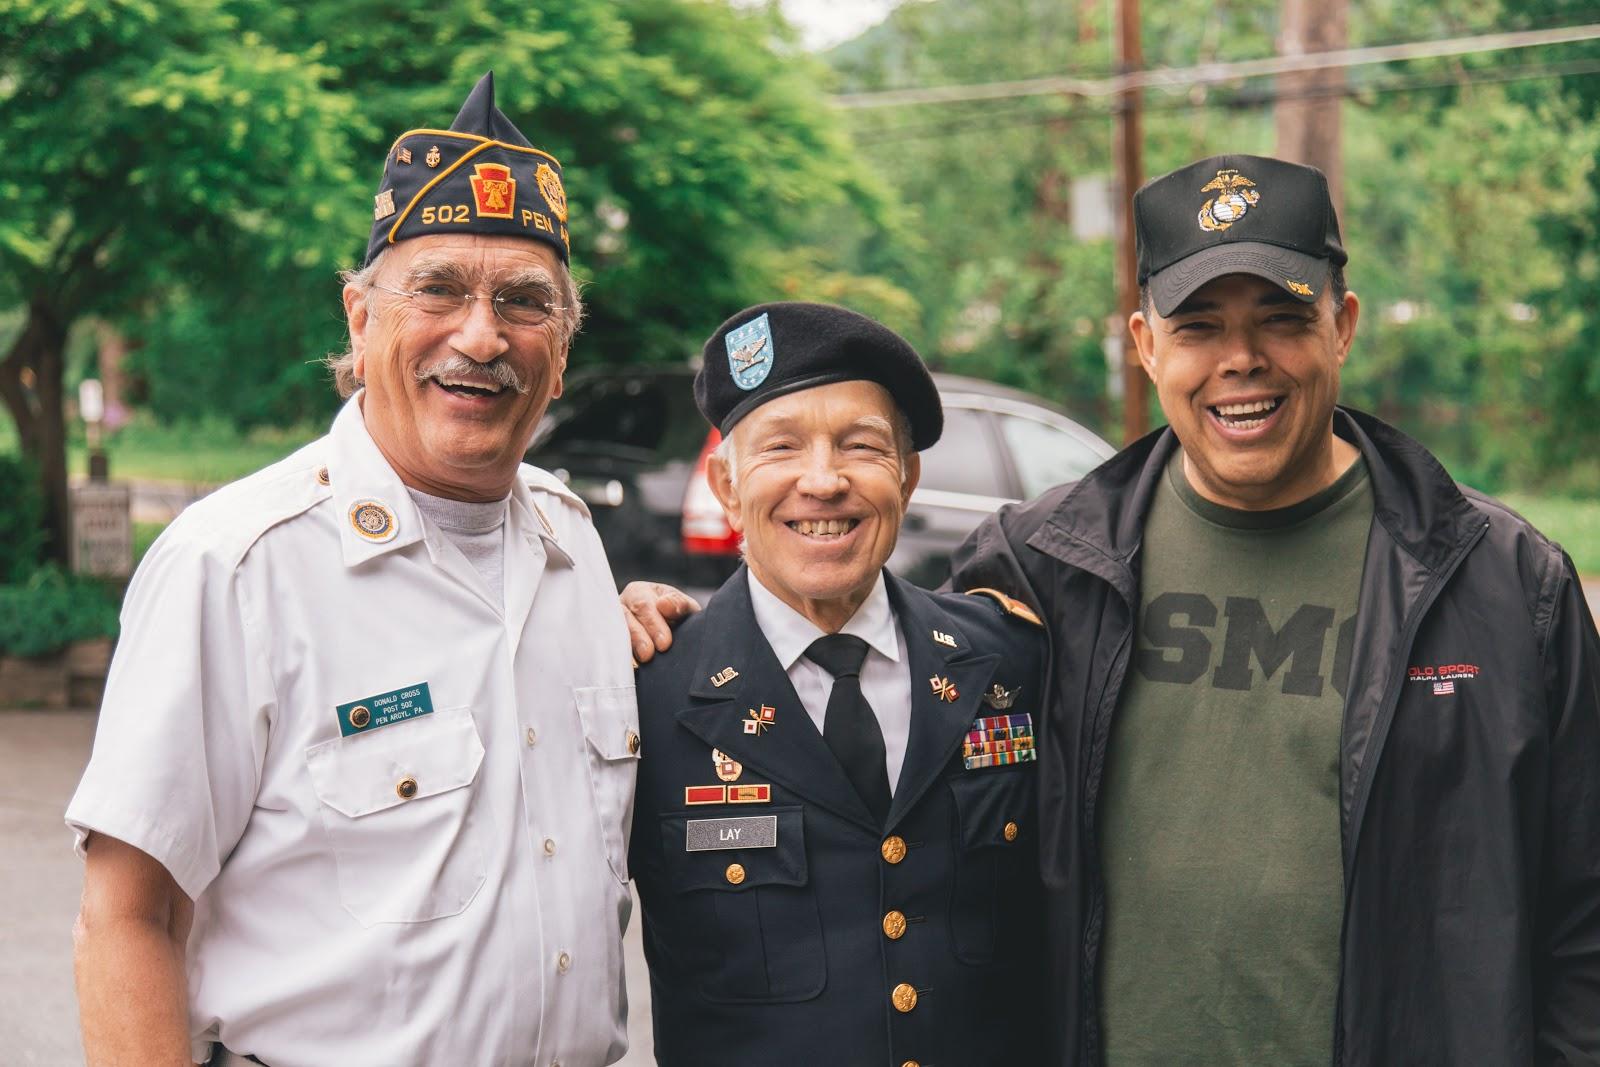 veterans smiling together